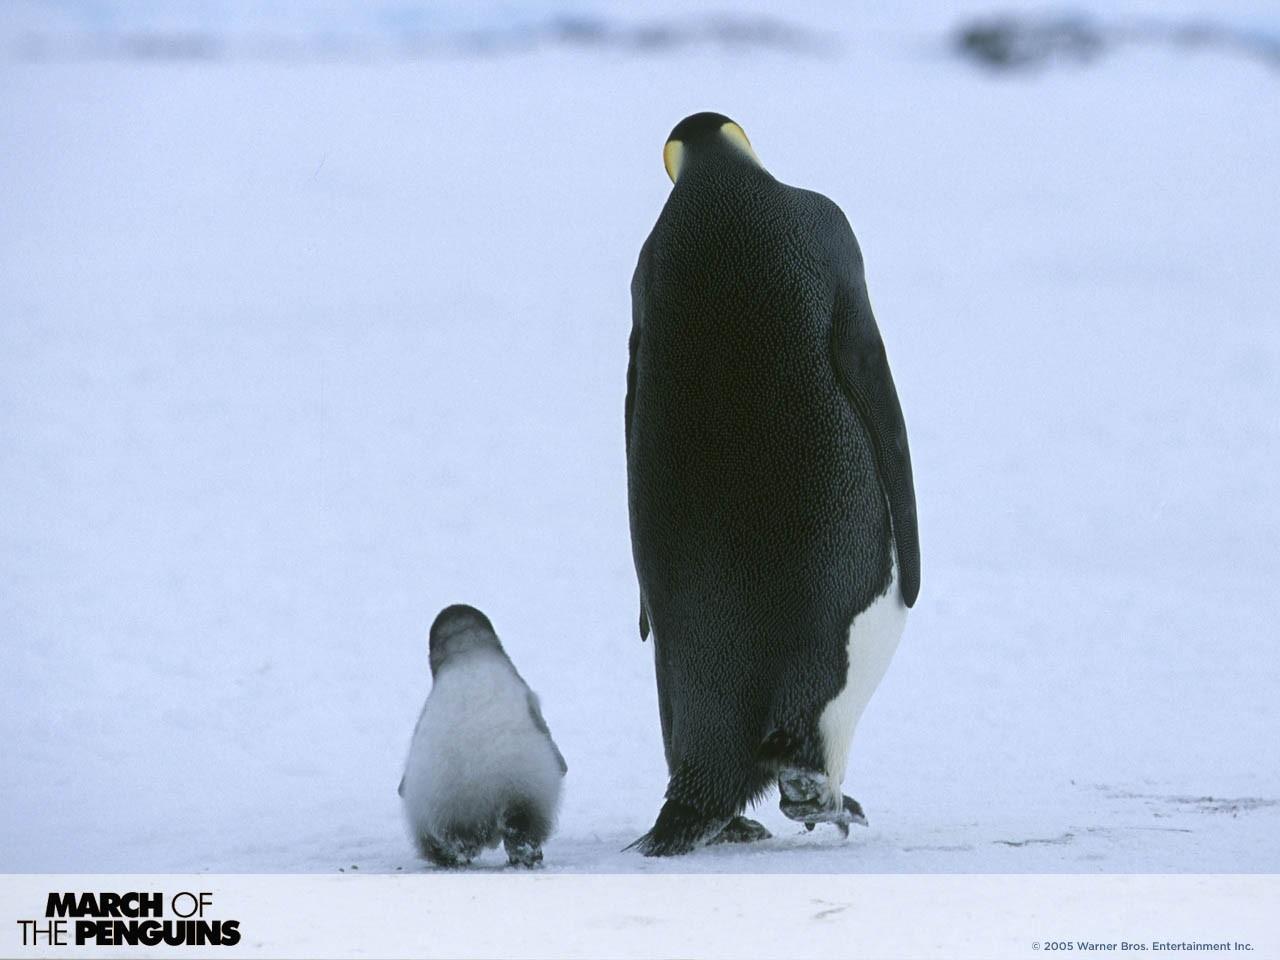 Un simpatico wallpaper del film La marcia dei pinguini